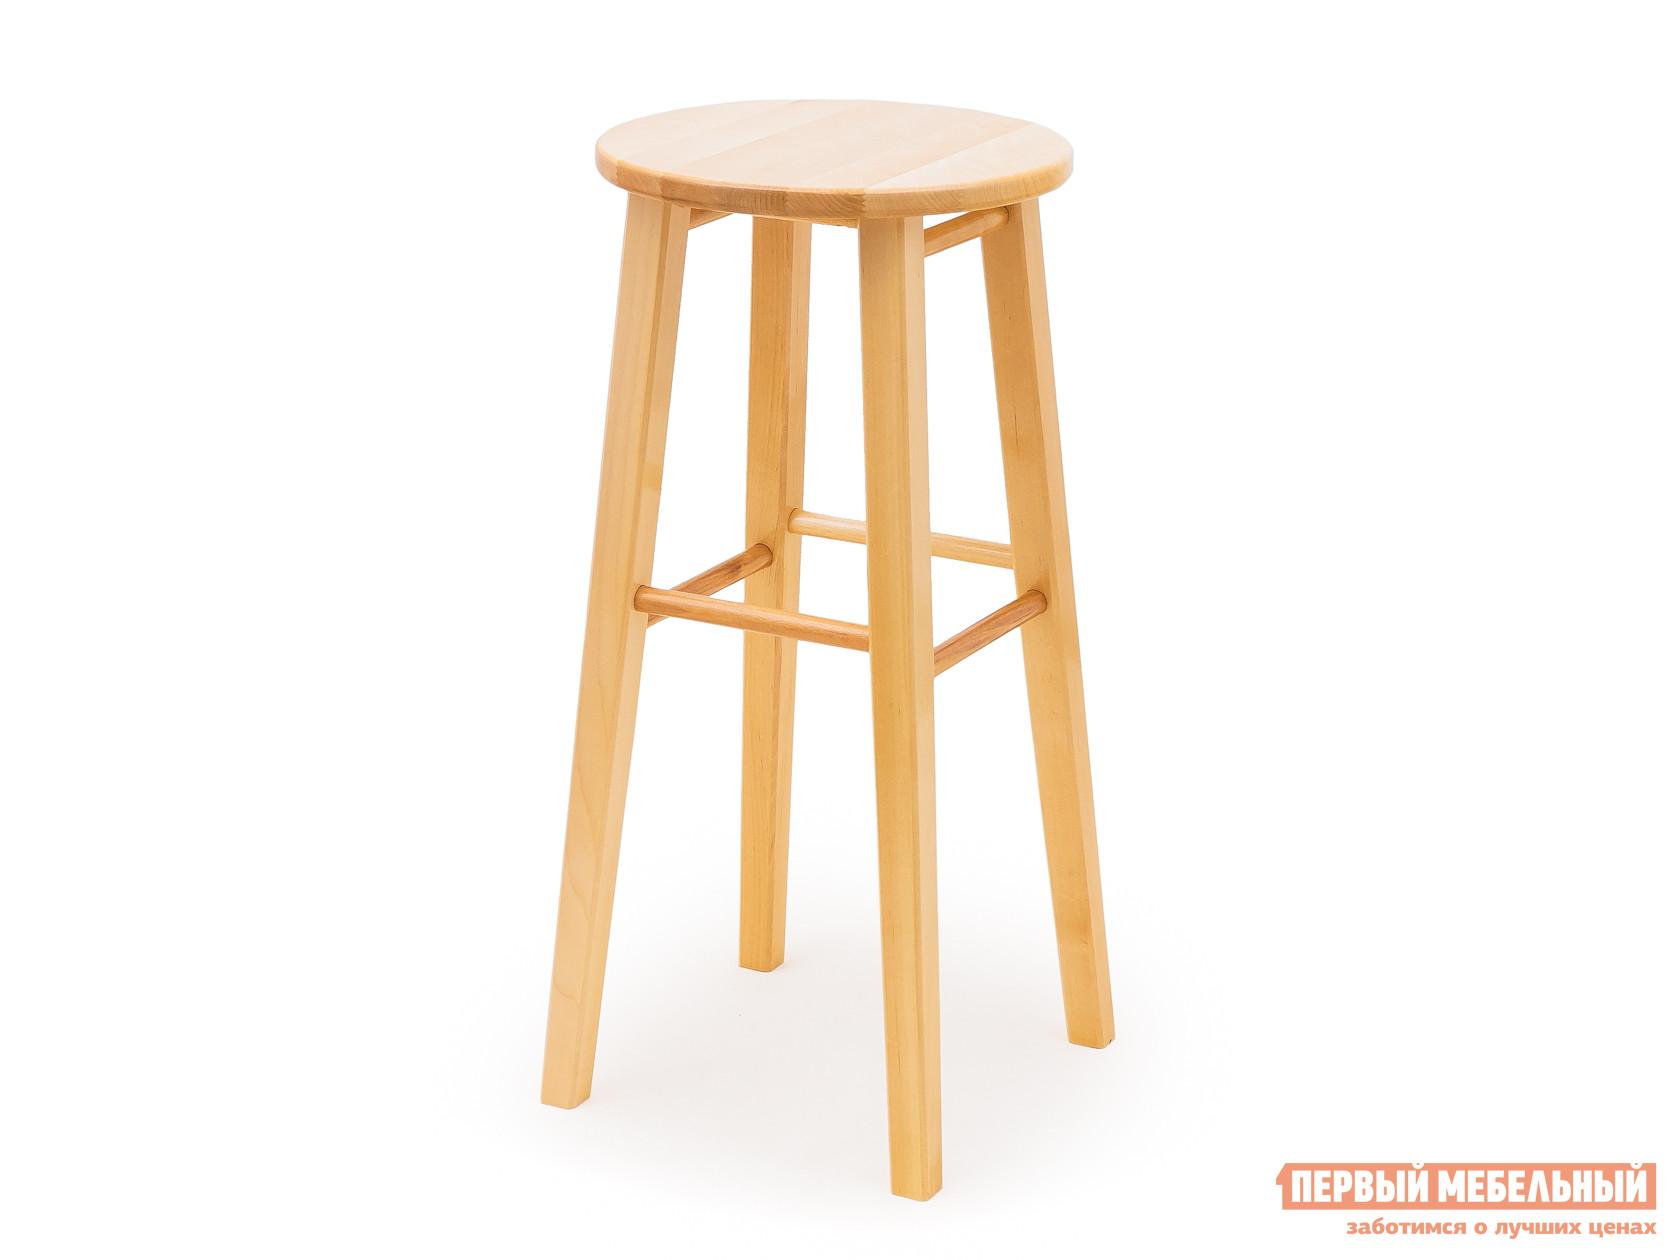 Барный стул СМКА КМ023Б Береза, 650 мм